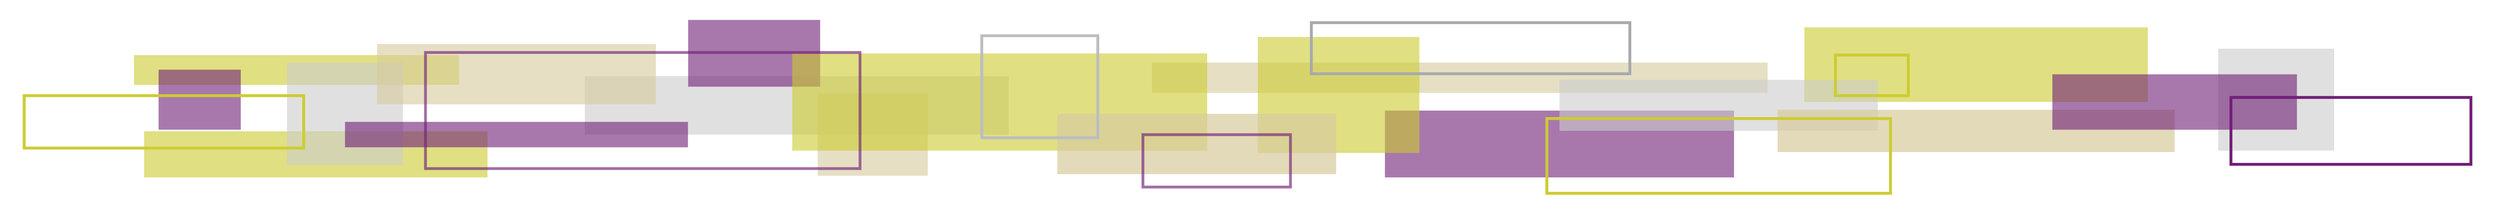 KBH Pattern narrow.jpg